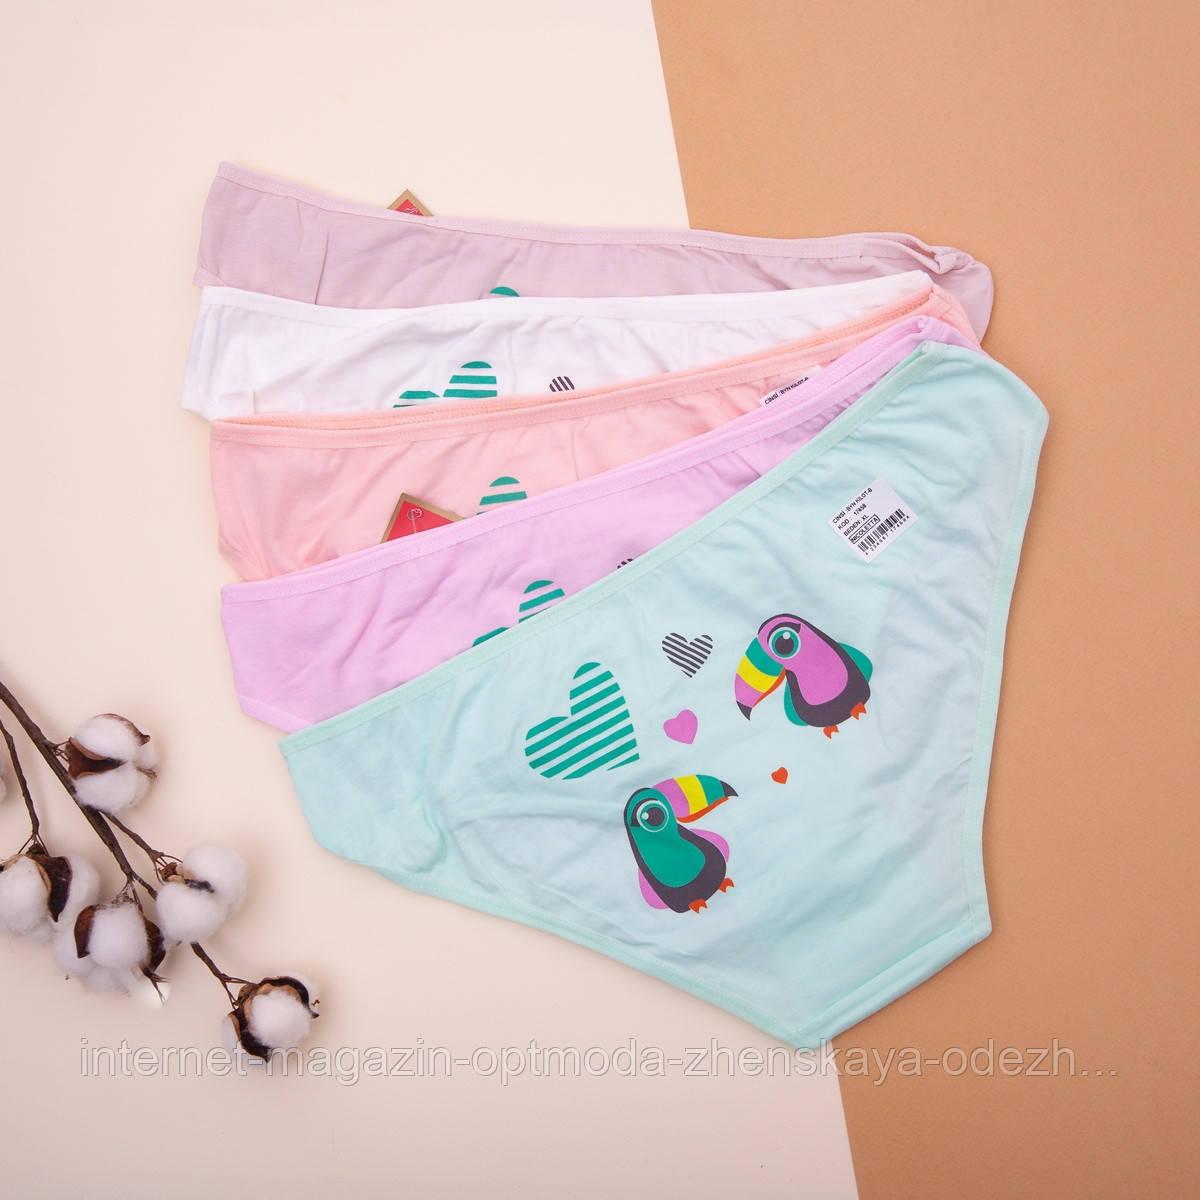 Женские трусики, ТОЛЬКО ОПТ ОТ 10 ШТ, 95% хлопок, 5% эластан, размер M, L, XL, белый, розовый, голубой, персик